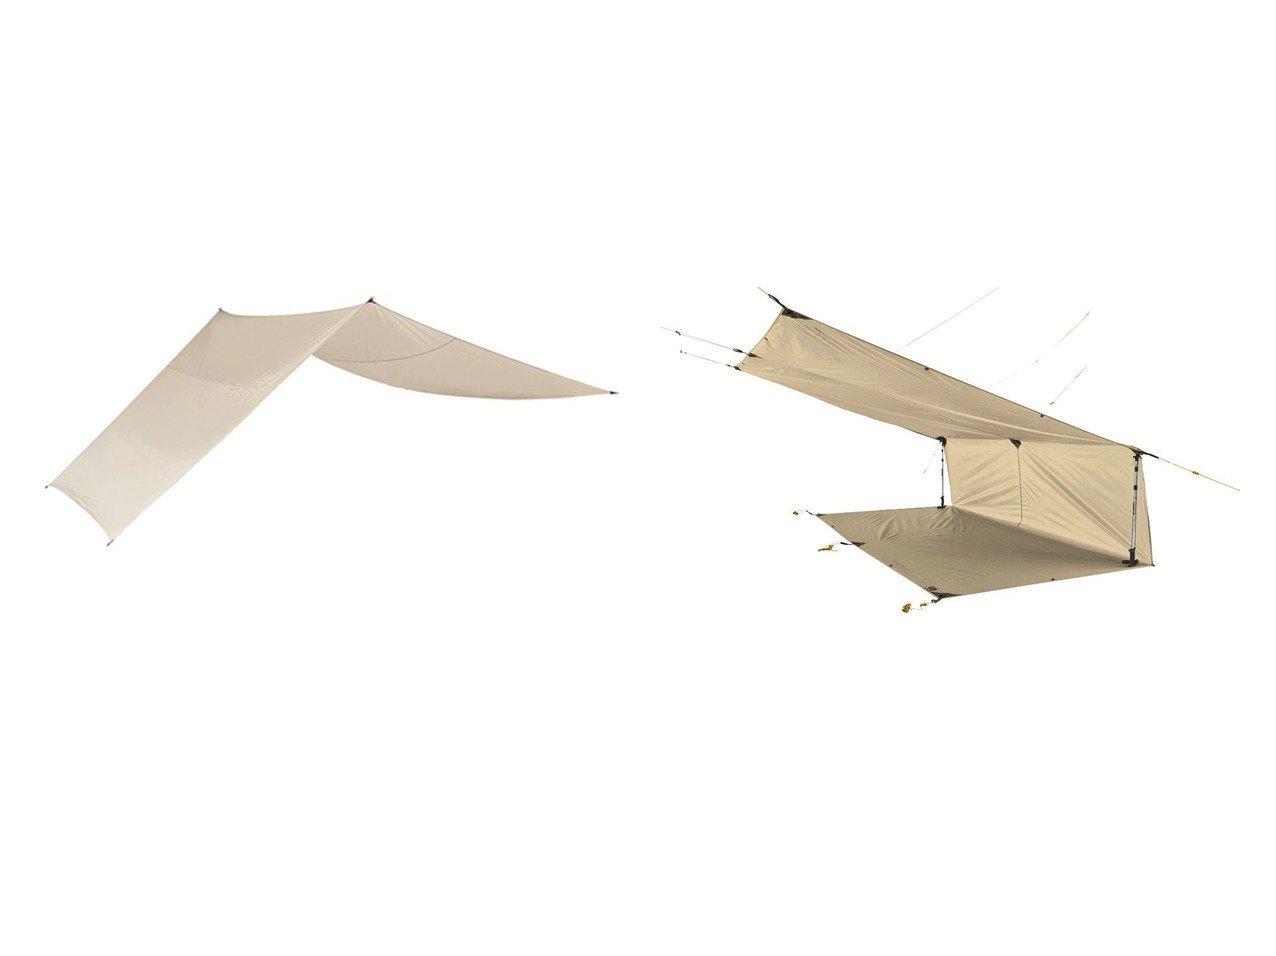 【Nordisk/ノルディスク】のレクタングラータープ テント ヴォス 14 PU Tarp-SMU JP122046&レクタングラータープ テント カリ12 ベーシック コットンタープ SMU JP 242017 おすすめ!人気キャンプ・アウトドア用品の通販 おすすめで人気の流行・トレンド、ファッションの通販商品 メンズファッション・キッズファッション・インテリア・家具・レディースファッション・服の通販 founy(ファニー) https://founy.com/ A/W・秋冬 AW・Autumn/Winter・FW・Fall-Winter ベーシック 人気 コンパクト リップ 送料無料 Free Shipping ホーム・キャンプ・アウトドア Home,Garden,Outdoor,Camping Gear キャンプ用品・アウトドア  Camping Gear & Outdoor Supplies テント タープ Tents, Tarp |ID:crp329100000037435